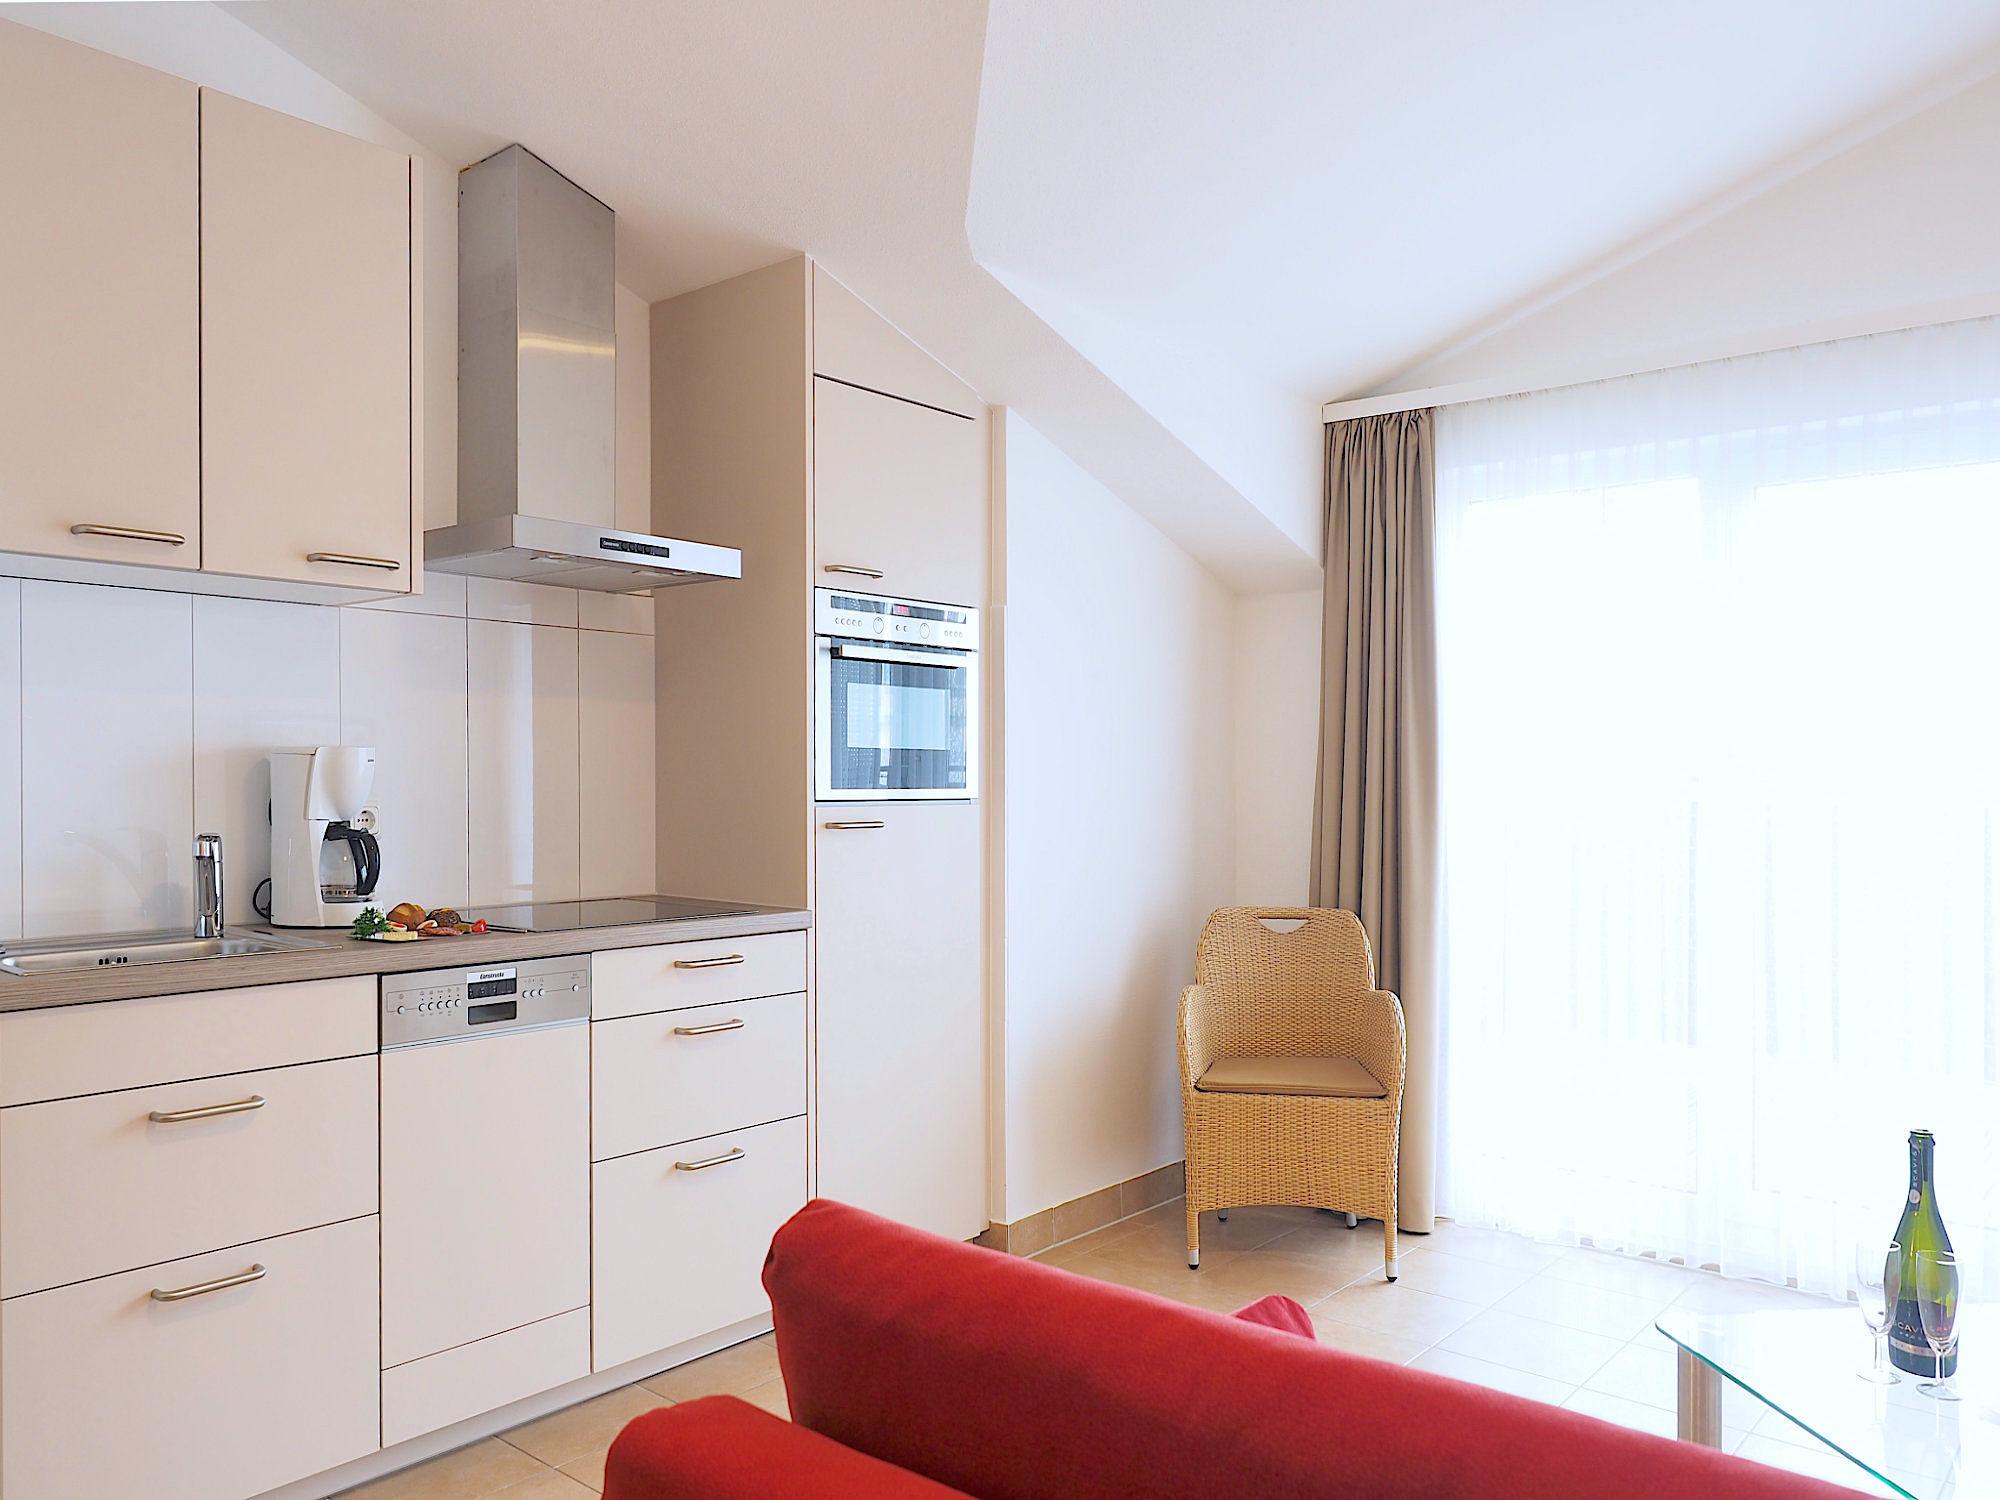 Moderne Küchenzeile mit elektrischen Geräten, rechts davon bodentiefe Fenster zum Balkon